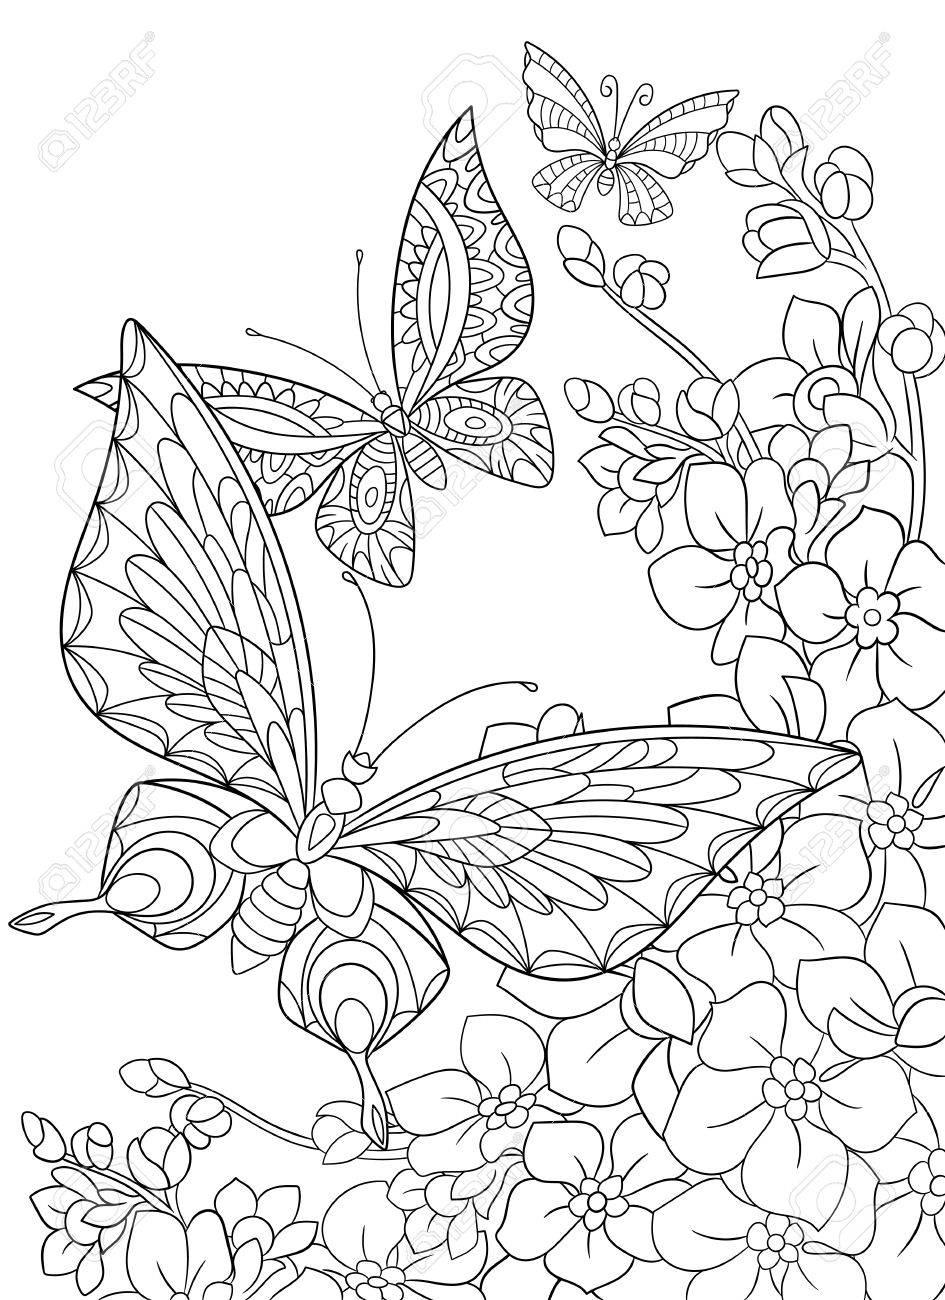 papillon de bande dessinée stylisée et fleur de sakura isolé sur fond blanc Esquisse pour